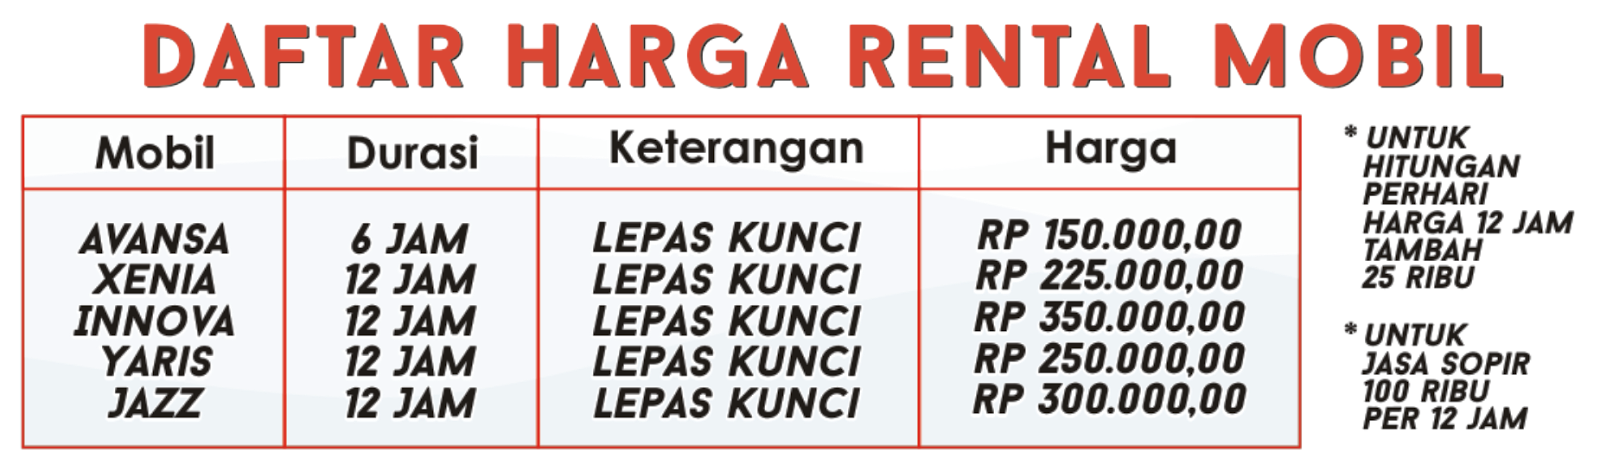 Sewa Mobil Semarang Murah Perrytaylorub